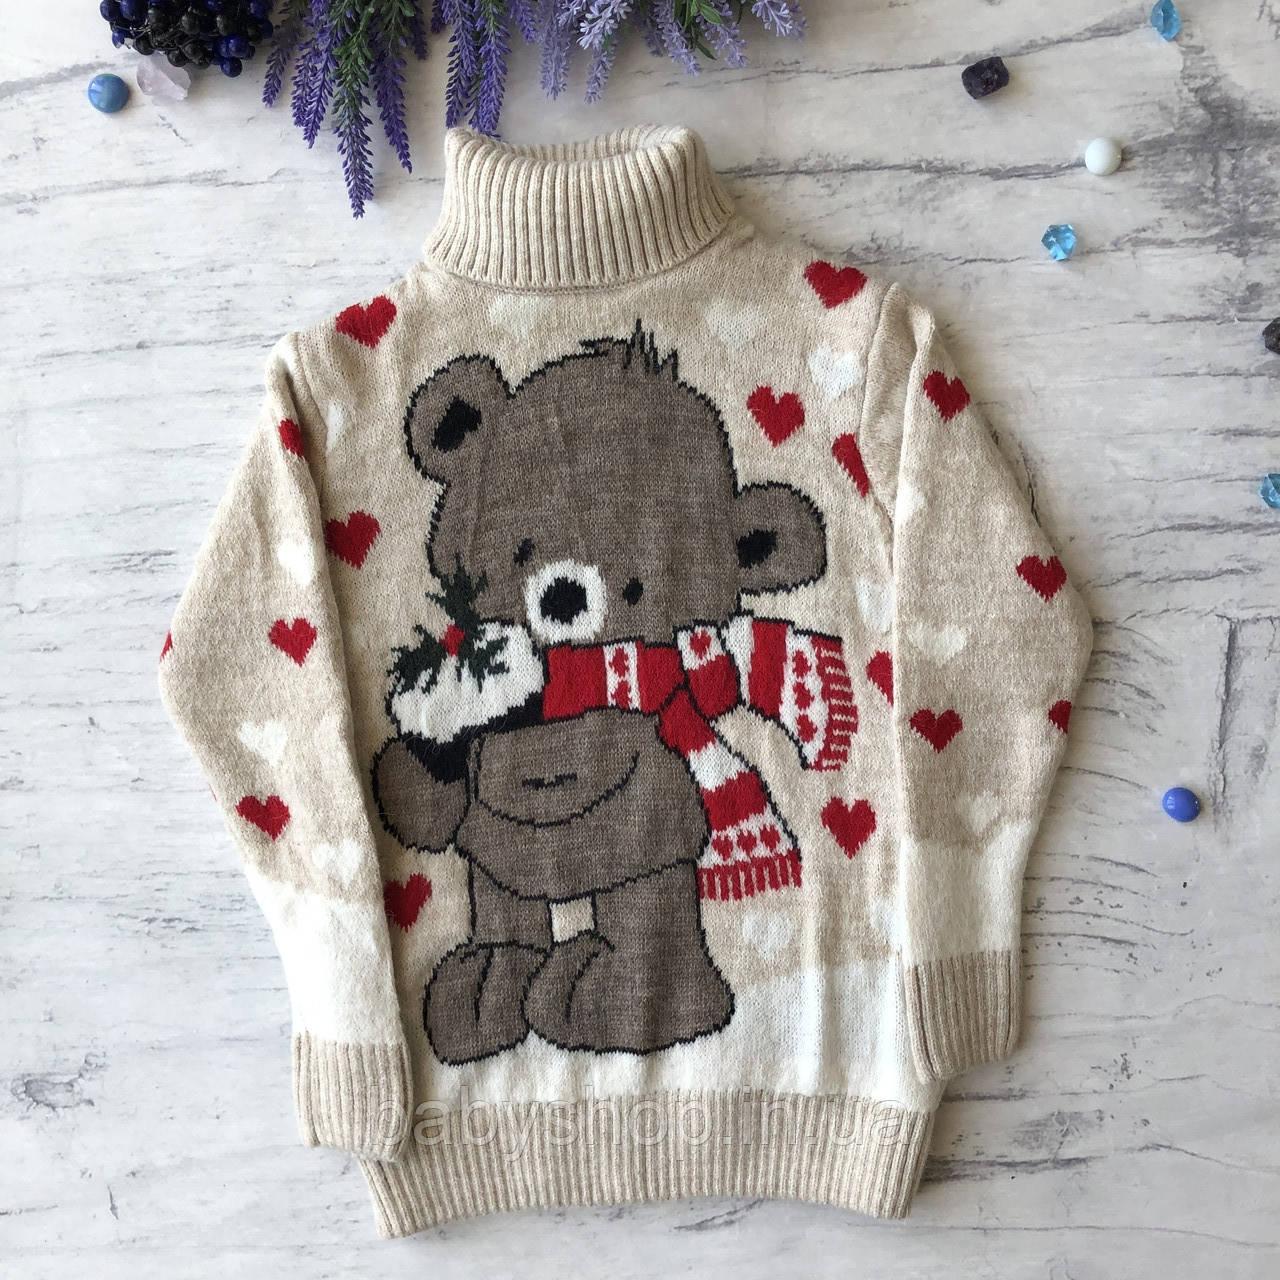 Теплый новогодний свитер на девочку 16. Размер 6 лет